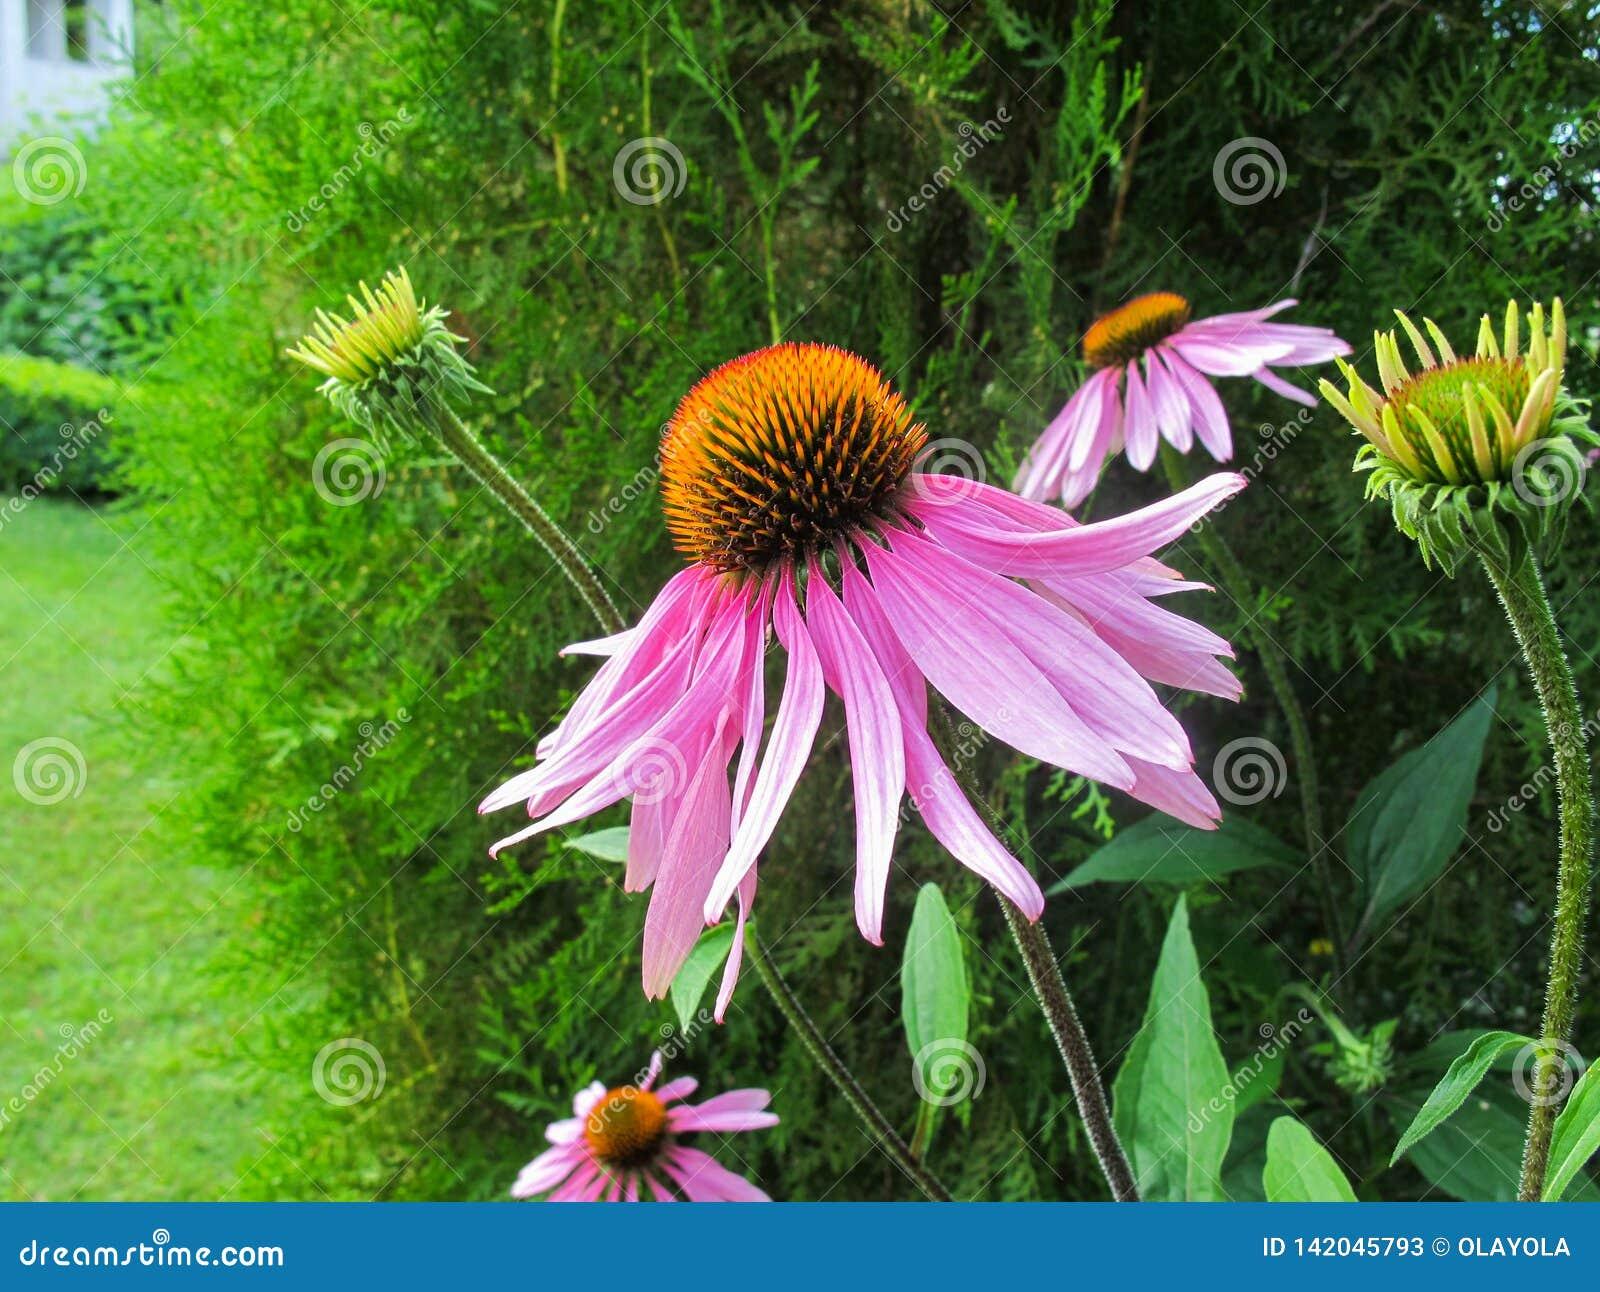 Echinacea Purpurea Coneflower Schöne purpurrote Blumen mit einer orange Mitte im Garten